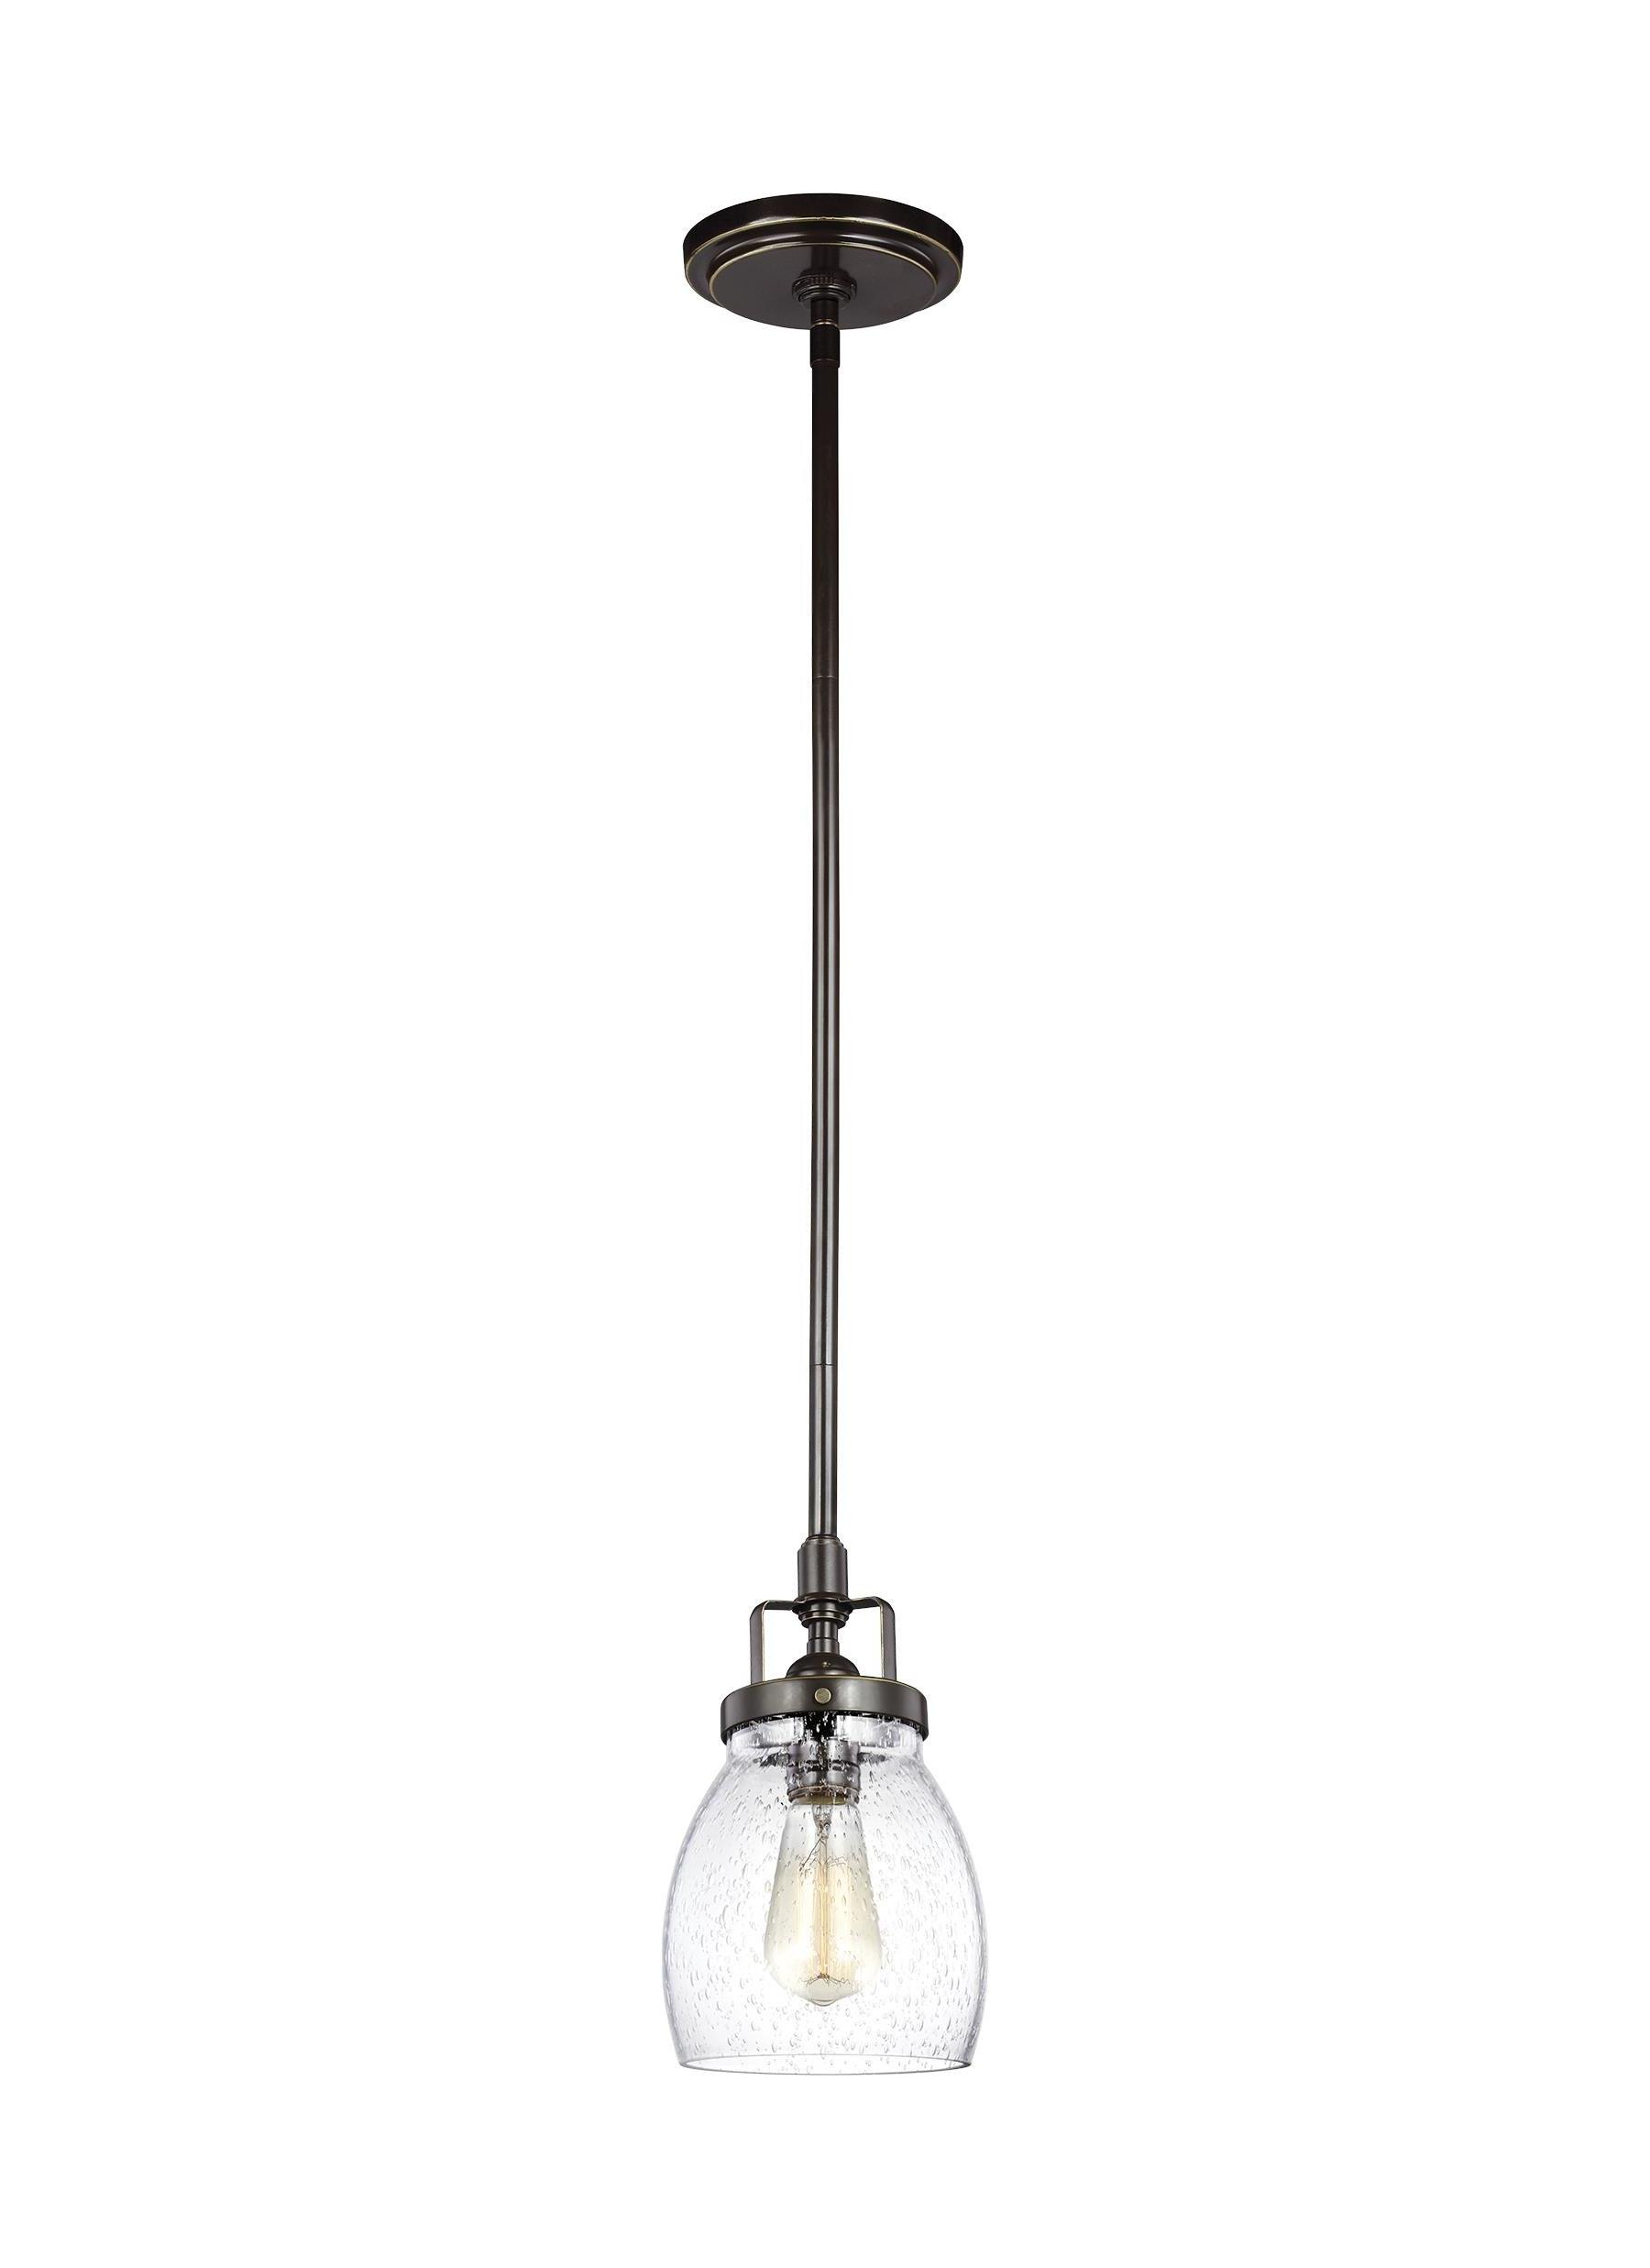 Houon Heirloom Bronze 1 Light Cone Bell Pendant Throughout Trendy Houon 1 Light Cone Bell Pendants (View 4 of 20)